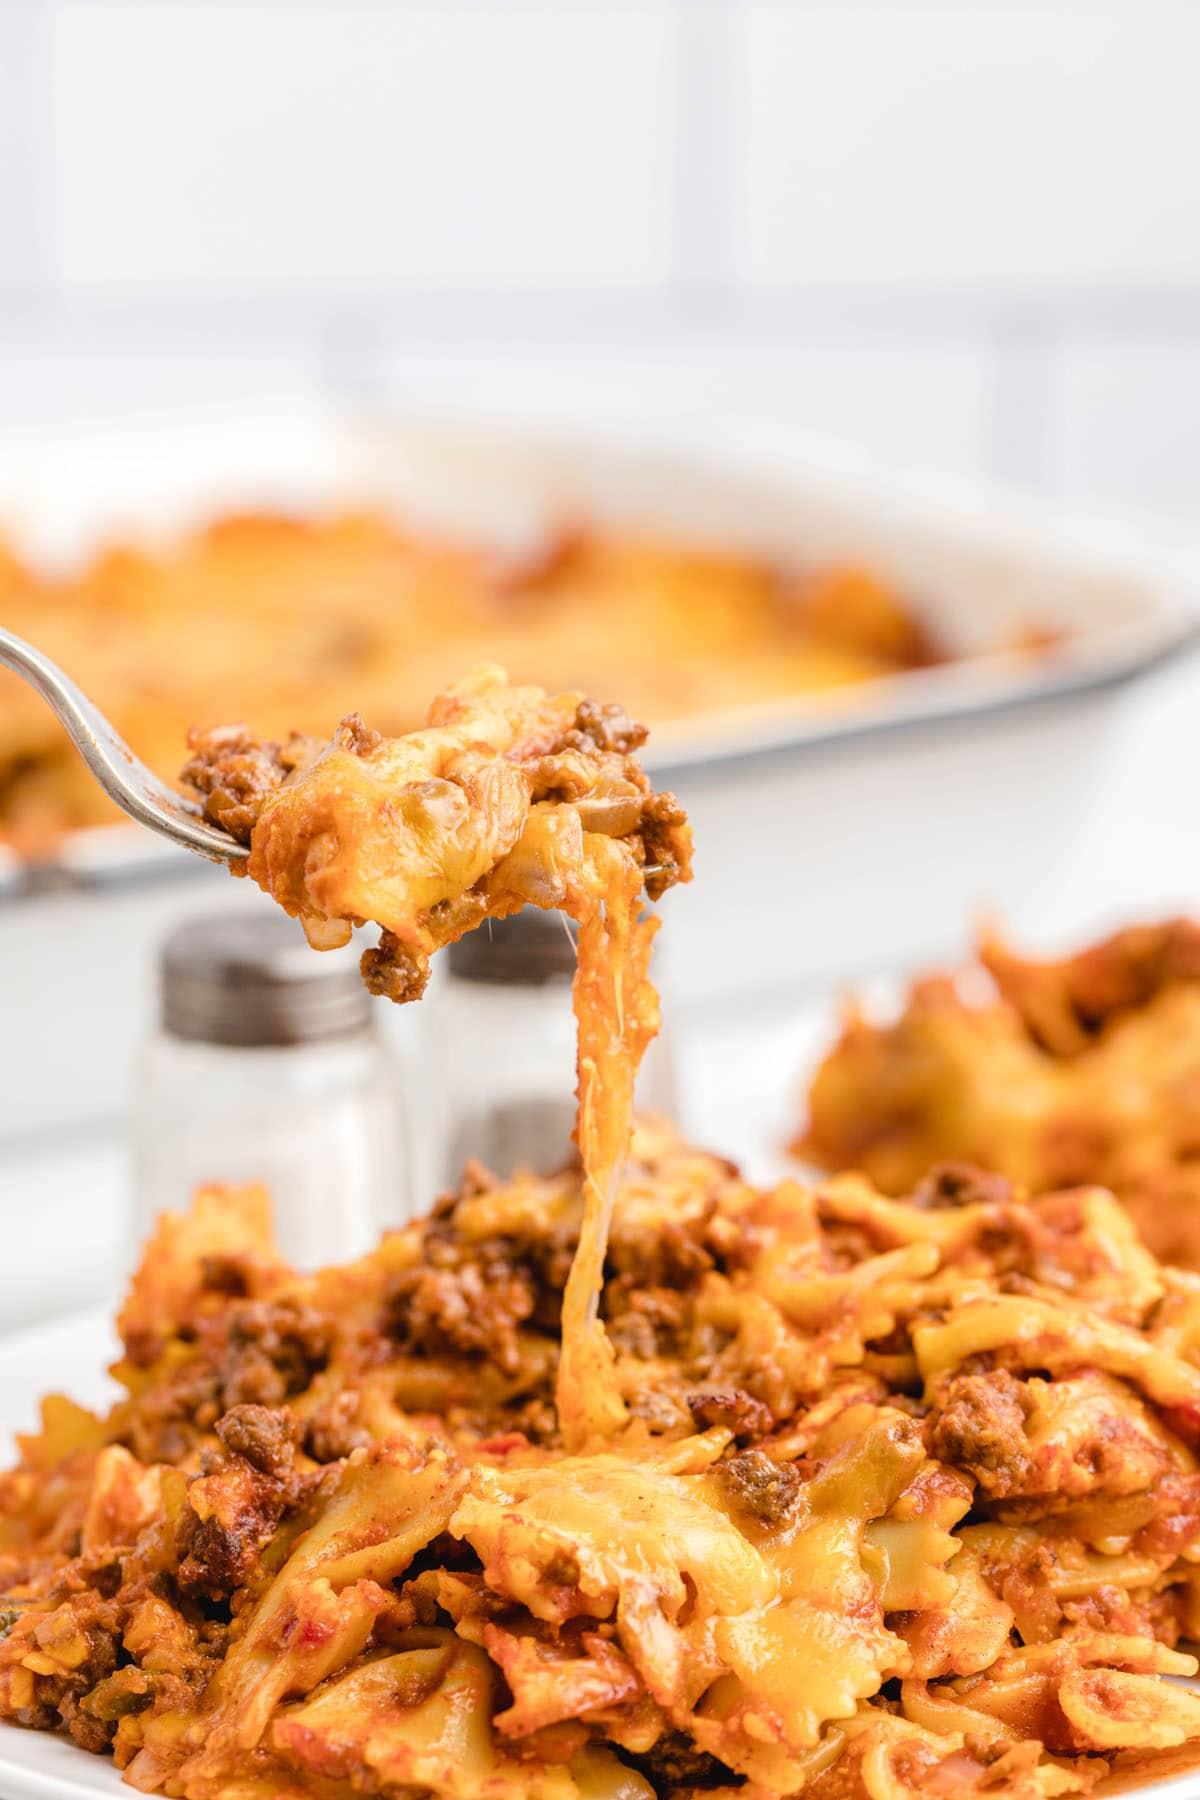 sloppy joe casserole on a plate